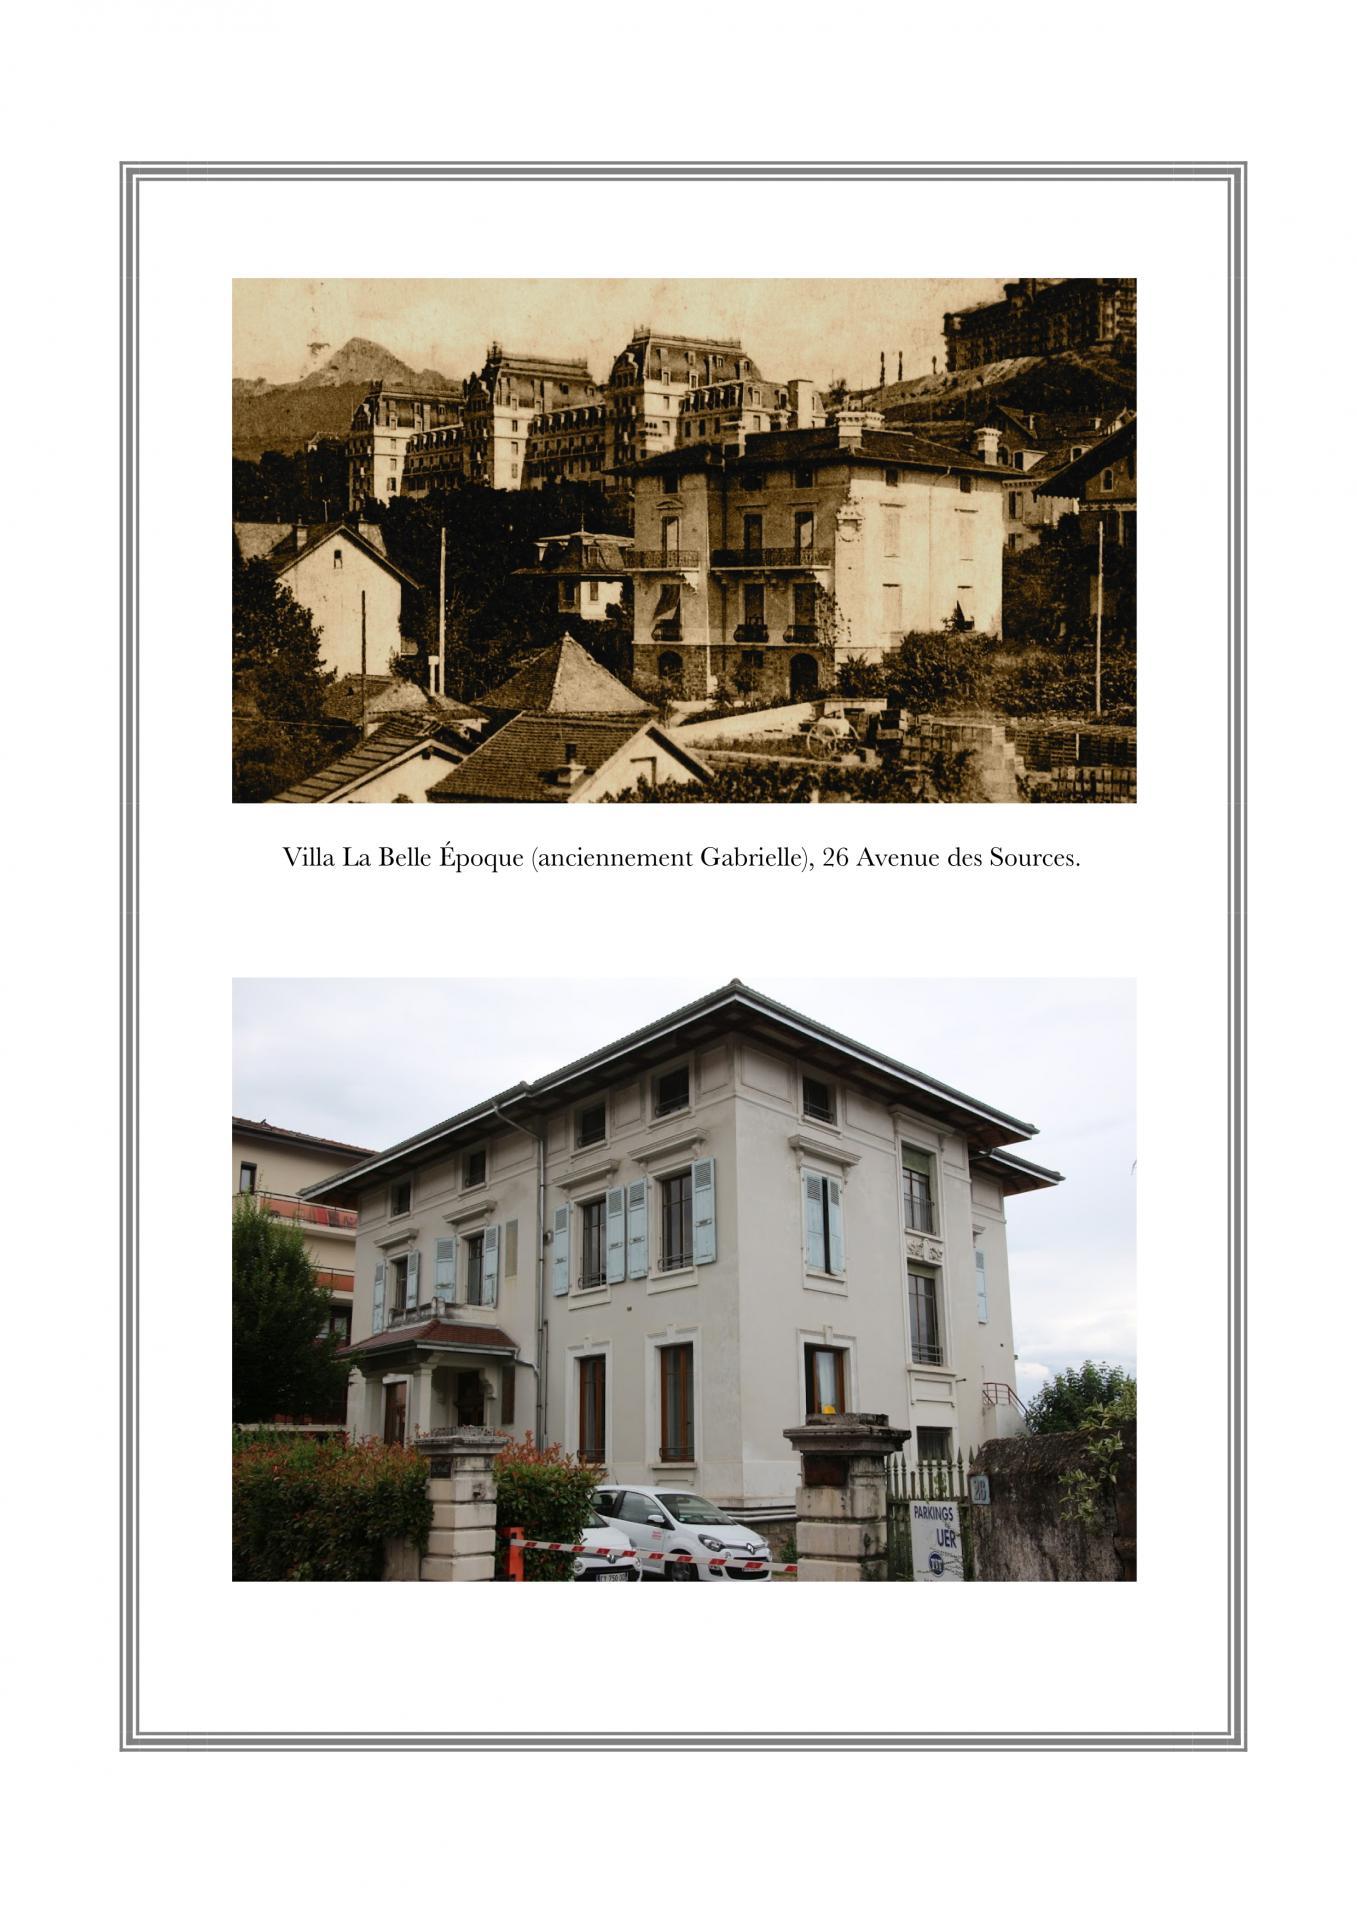 Villa Gabrielle (La Belle Époque), 26 avenue des Sources